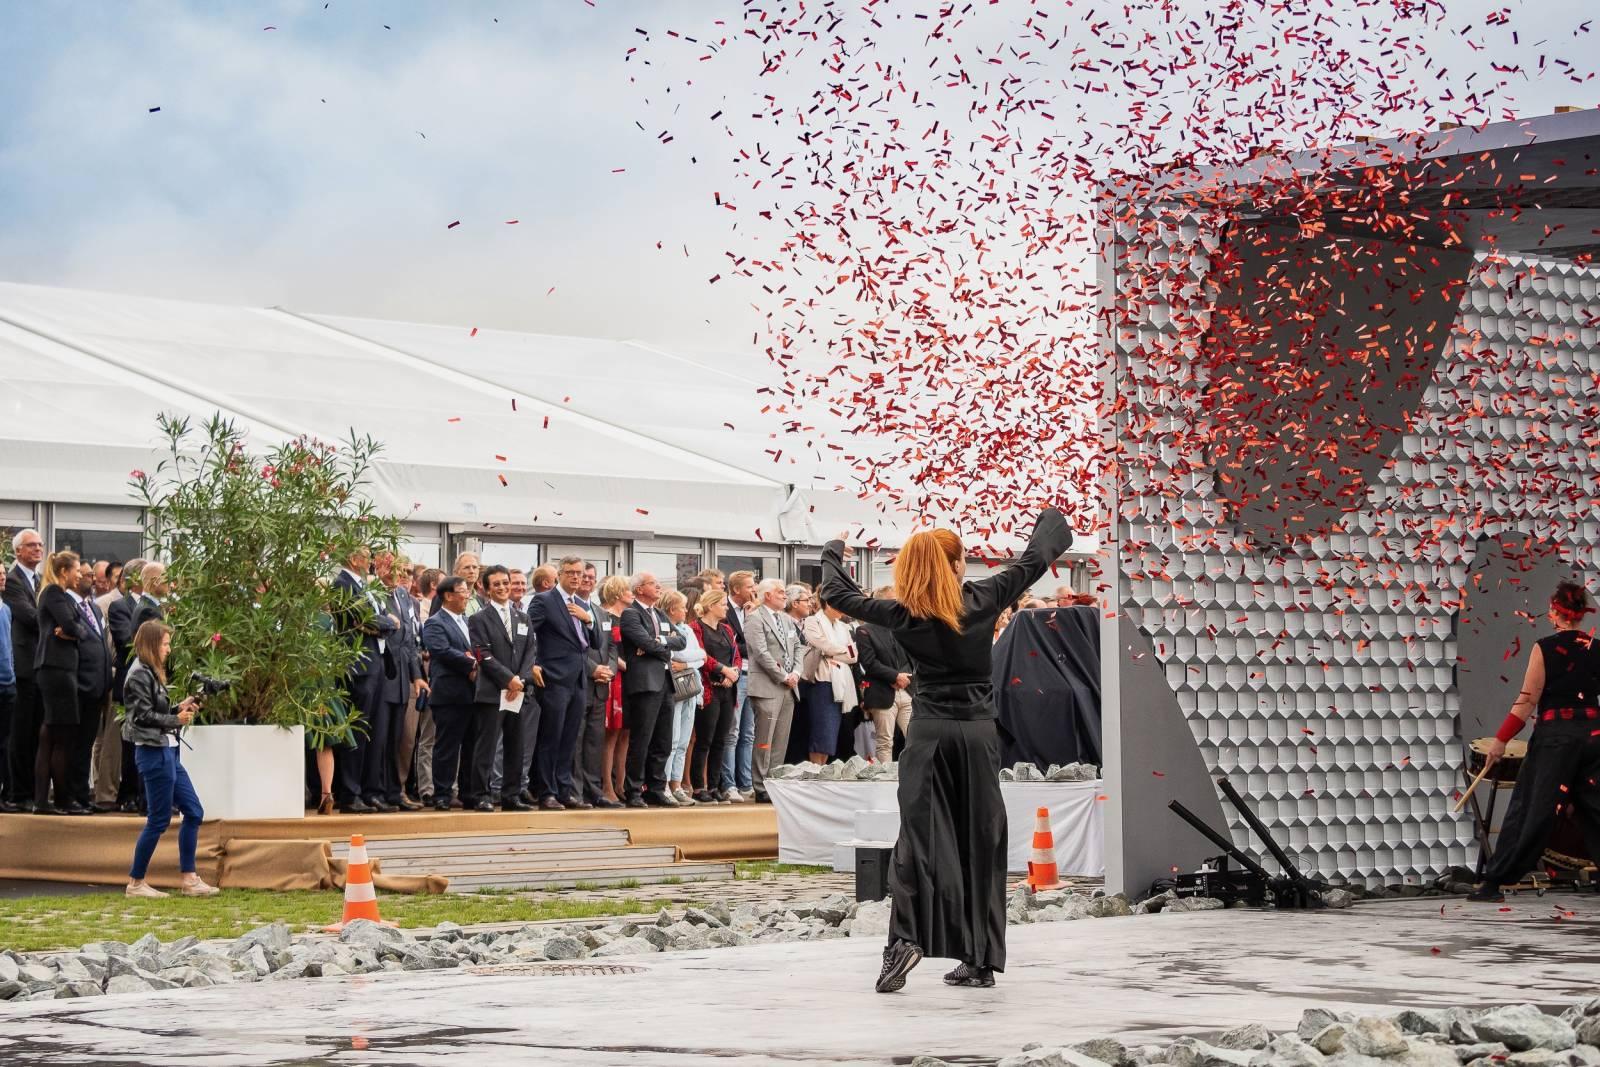 Tentmoment - Feesttent - Tent Event - Verhuur Tenten - Fotograaf Jurgen De Witte - House of Events - 34